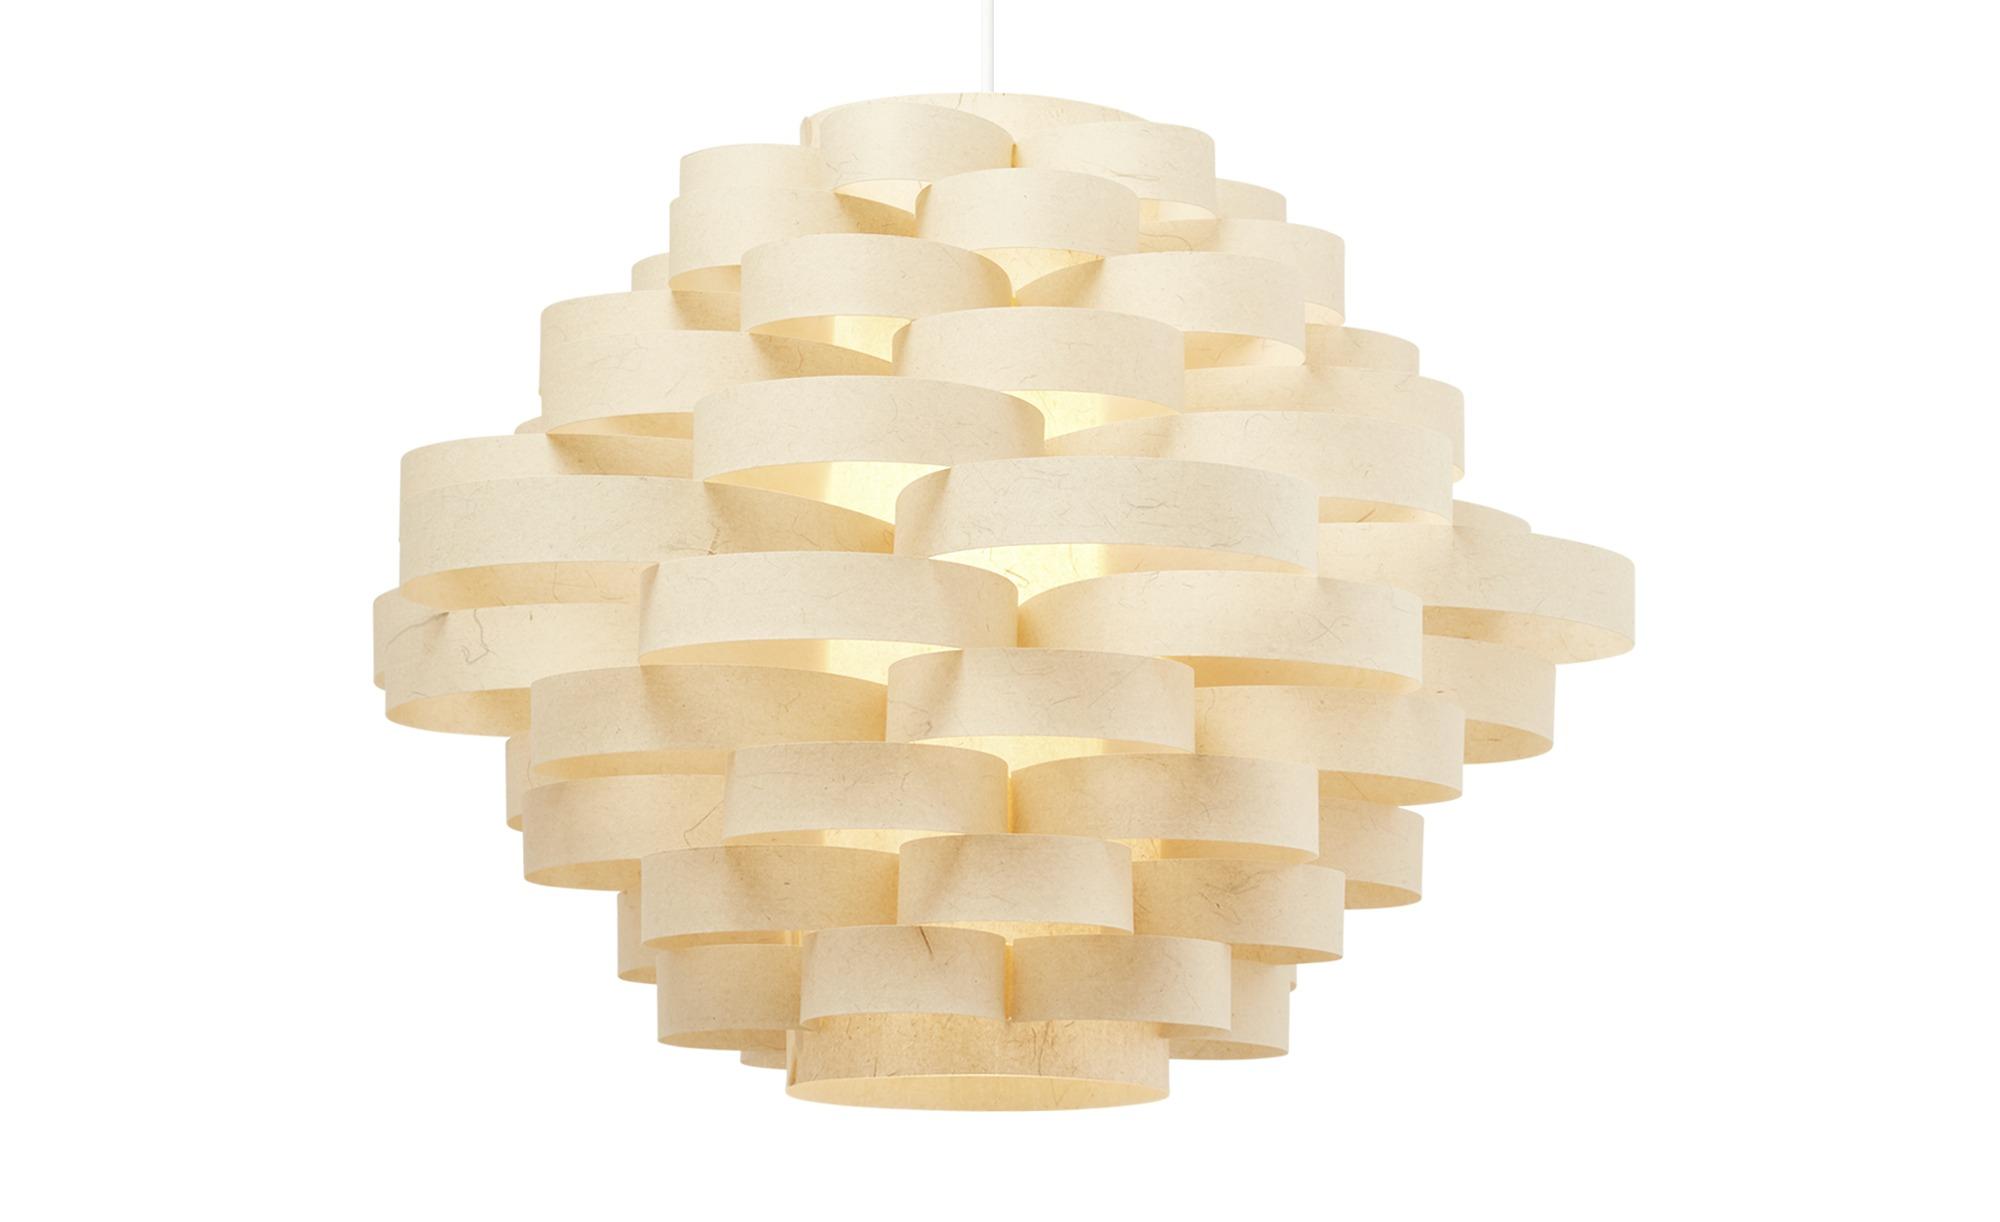 KHG Papierpendelleuchte, 1-flammig, braun ¦ braun ¦ Maße (cm): H: 120 Ø: [53.0] Lampen & Leuchten > Innenleuchten > Pendelleuchten - Höffner